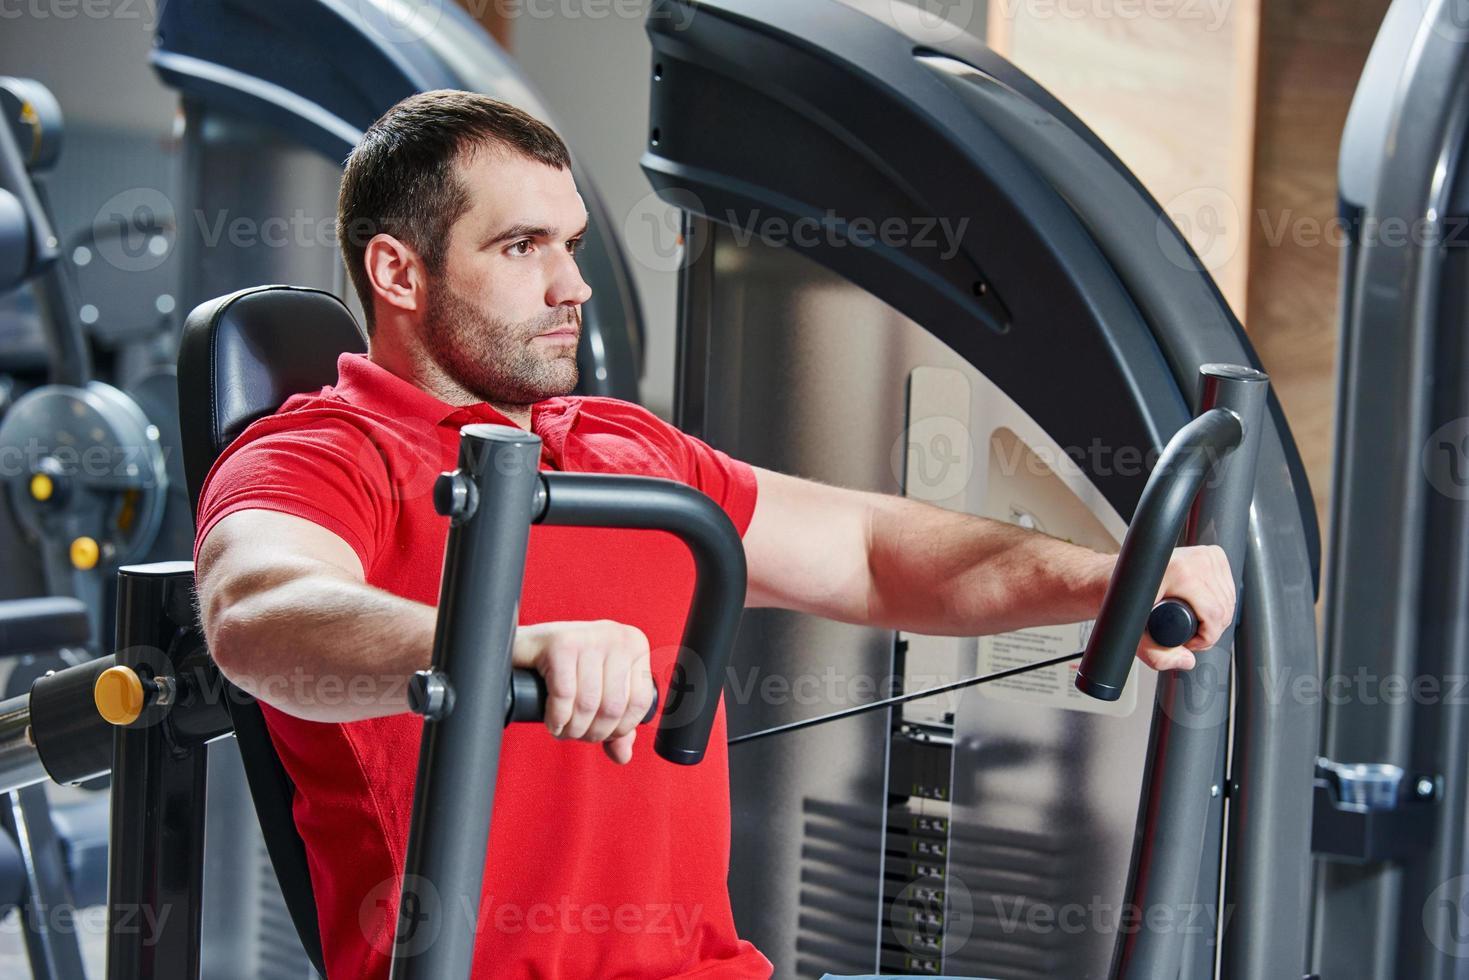 Mann im Fitnessstudio trainieren foto